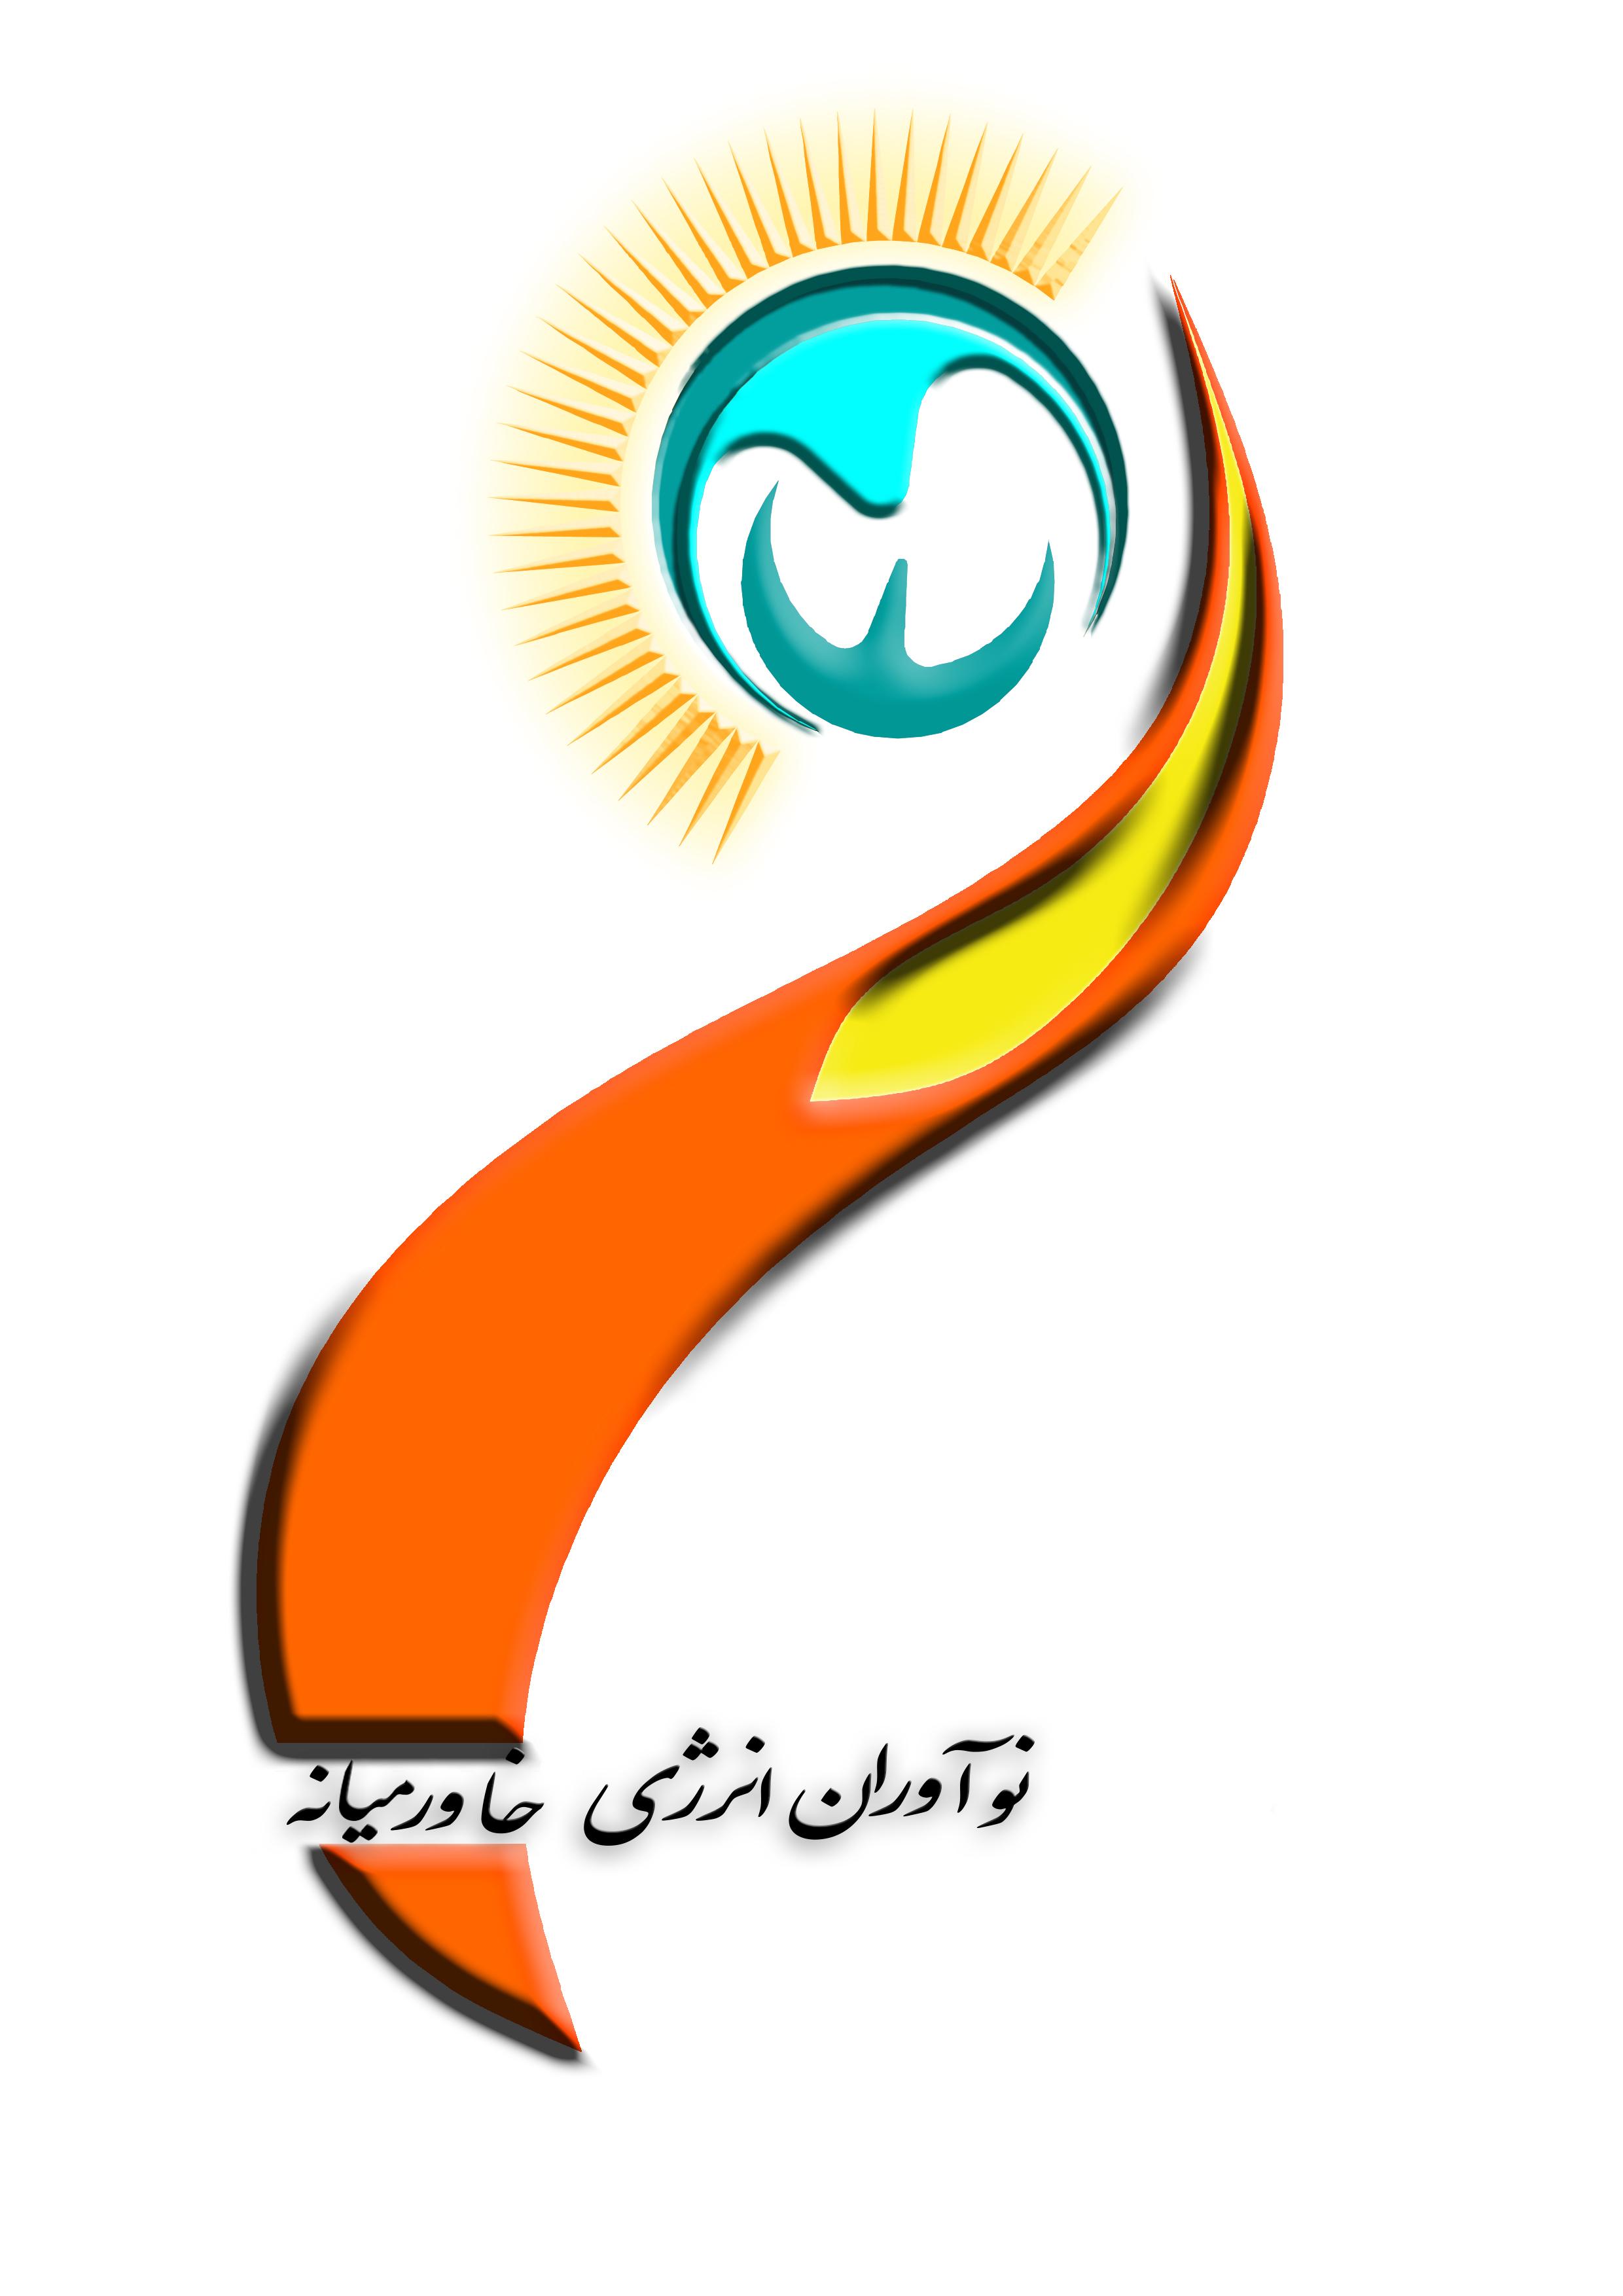 شرکت نوآوران انرژی خاورمیانه